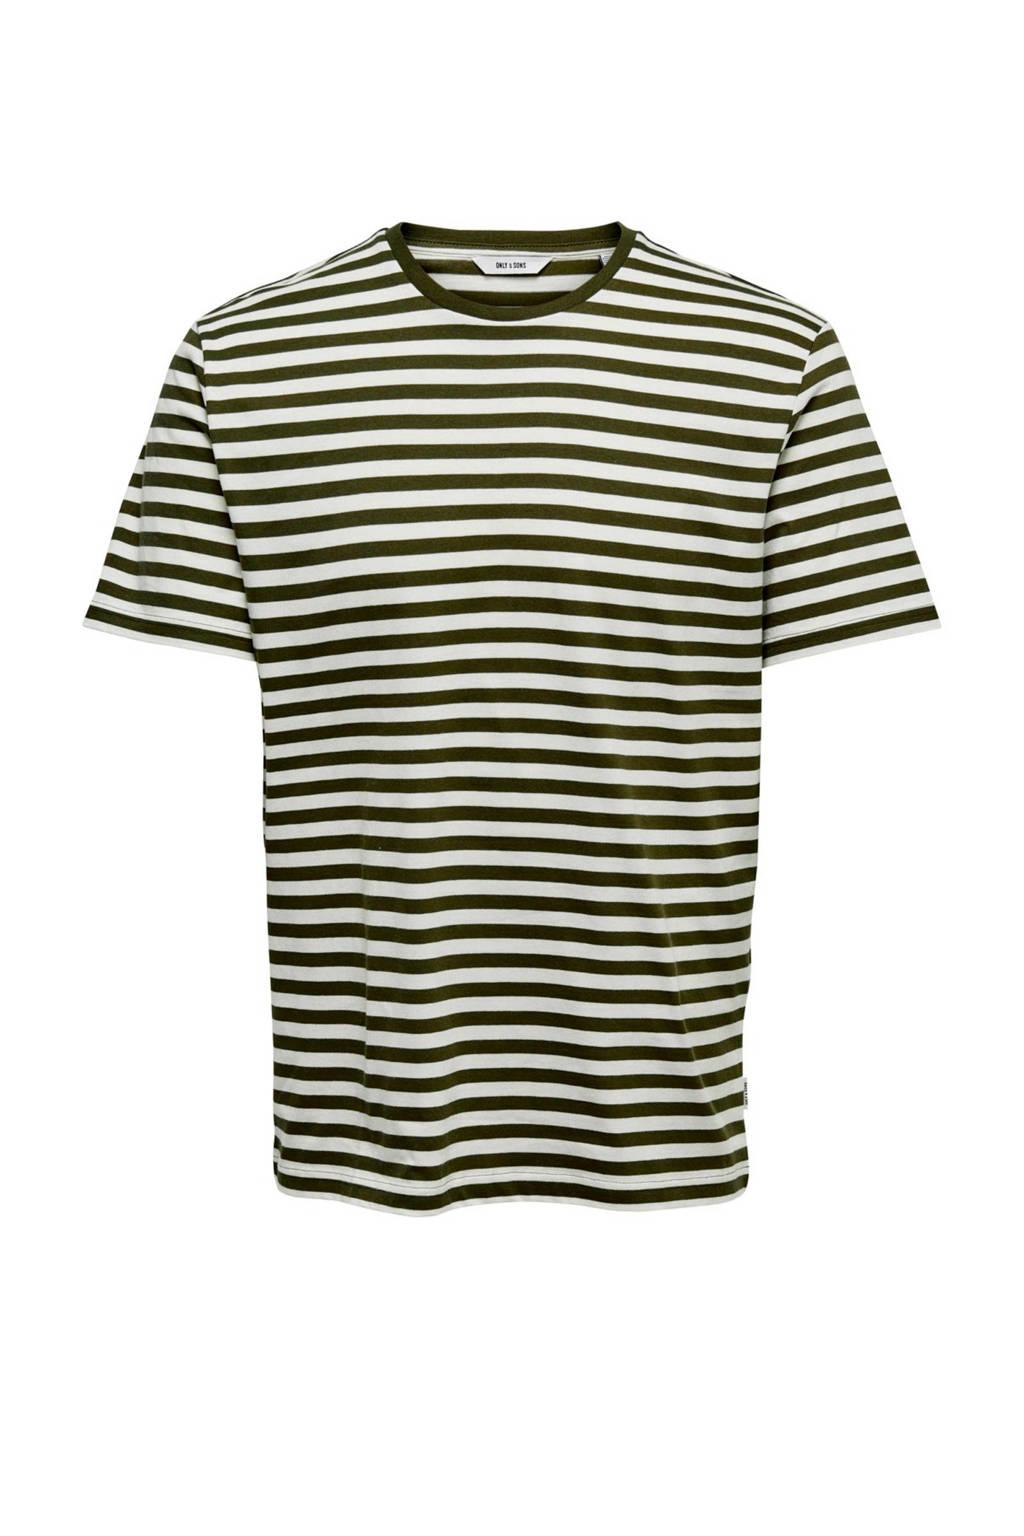 Only & Sons T-shirt met strepen olijfgroen, Olijfgroen/wit